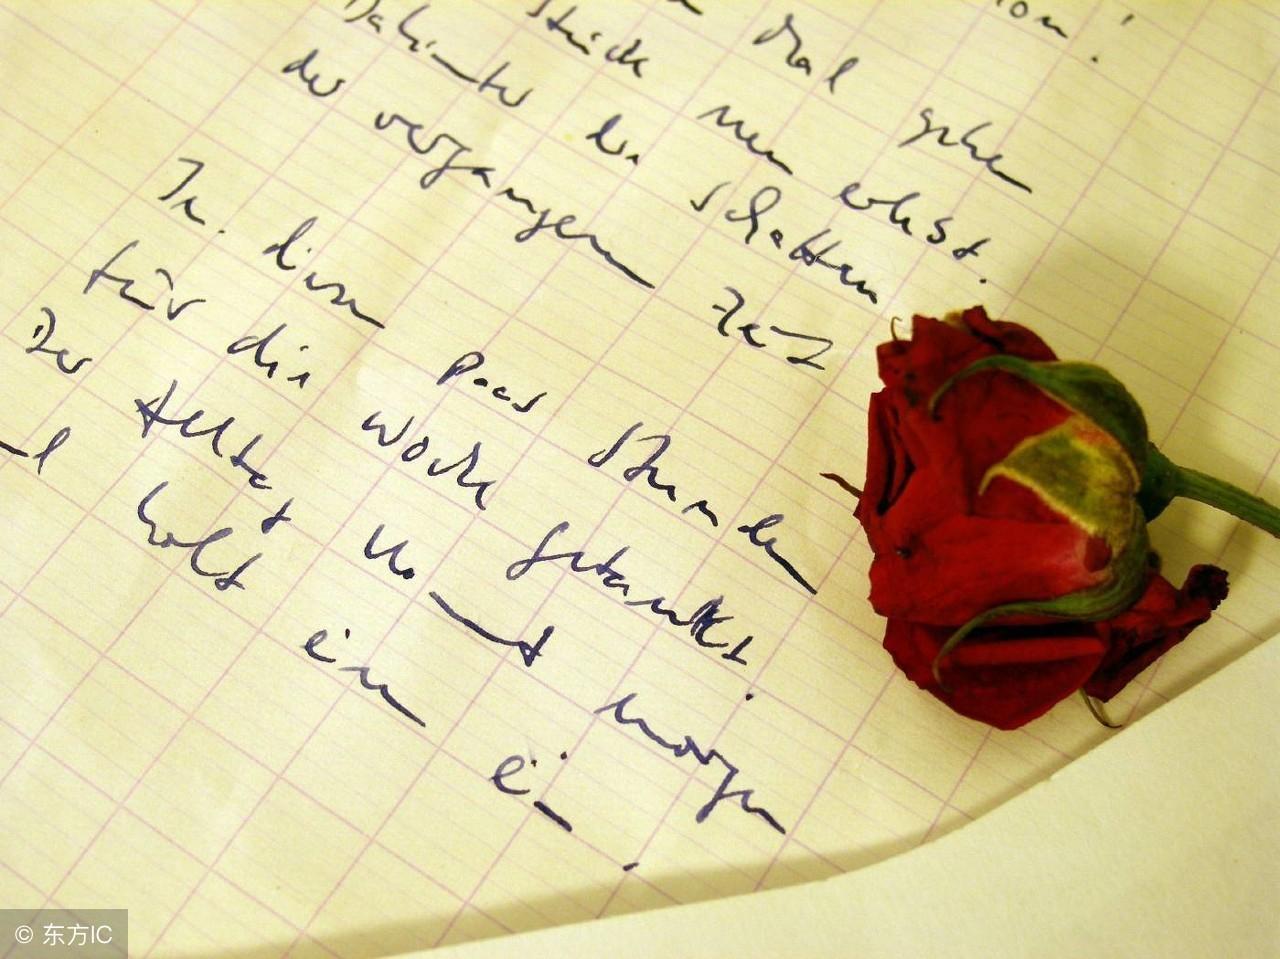 心中有爱的唯美句子-心中有爱眼里有光的正能量语录